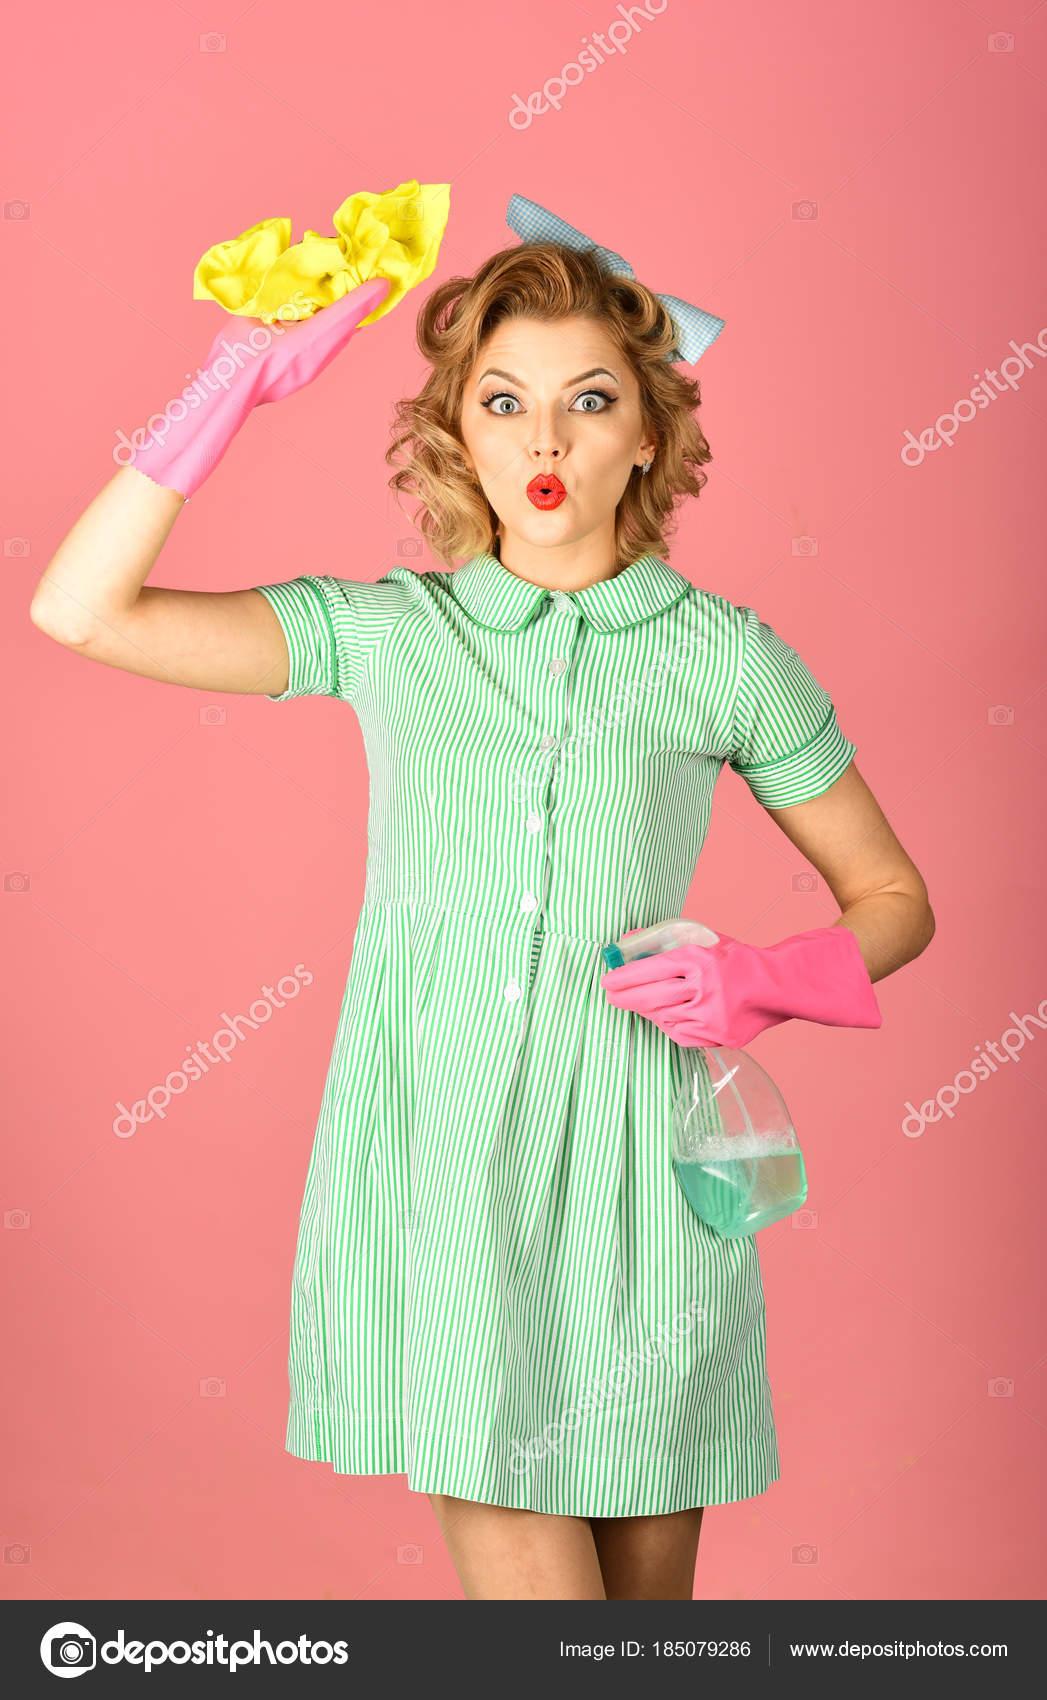 Ama de casa en uniforme con spray limpio, plumero — Fotos de Stock ...